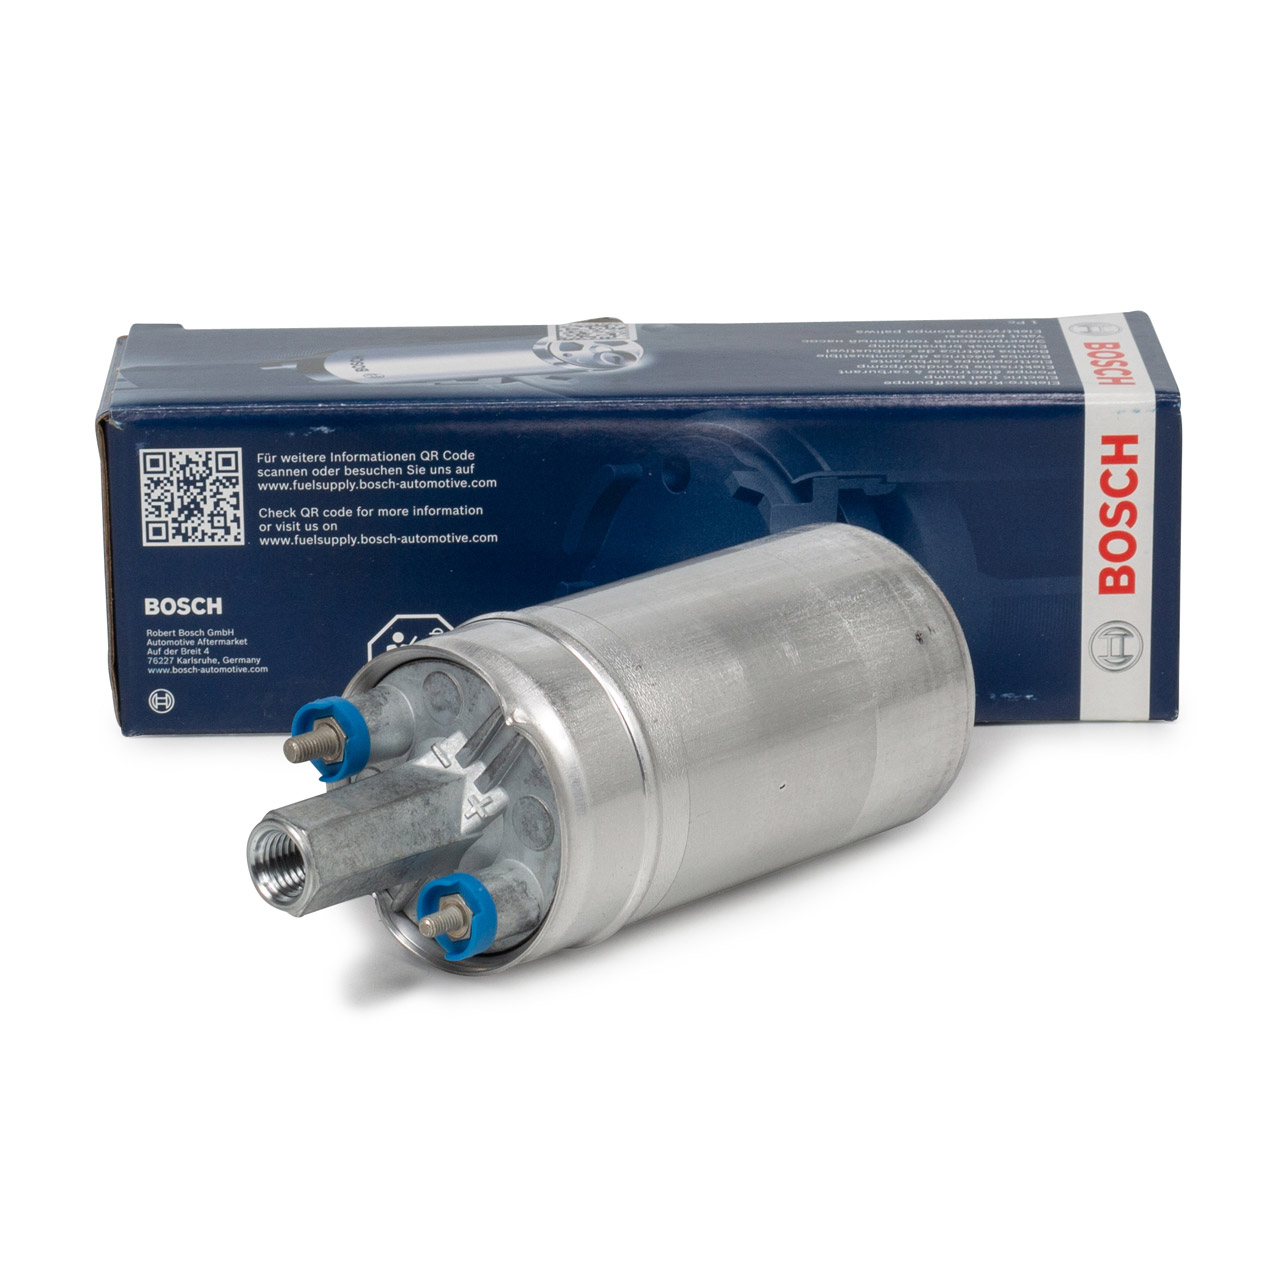 BOSCH 0580254979 Kraftstoffpumpe für PORSCHE 911 3.3 Turbo + 964 3.3/3.6 Turbo